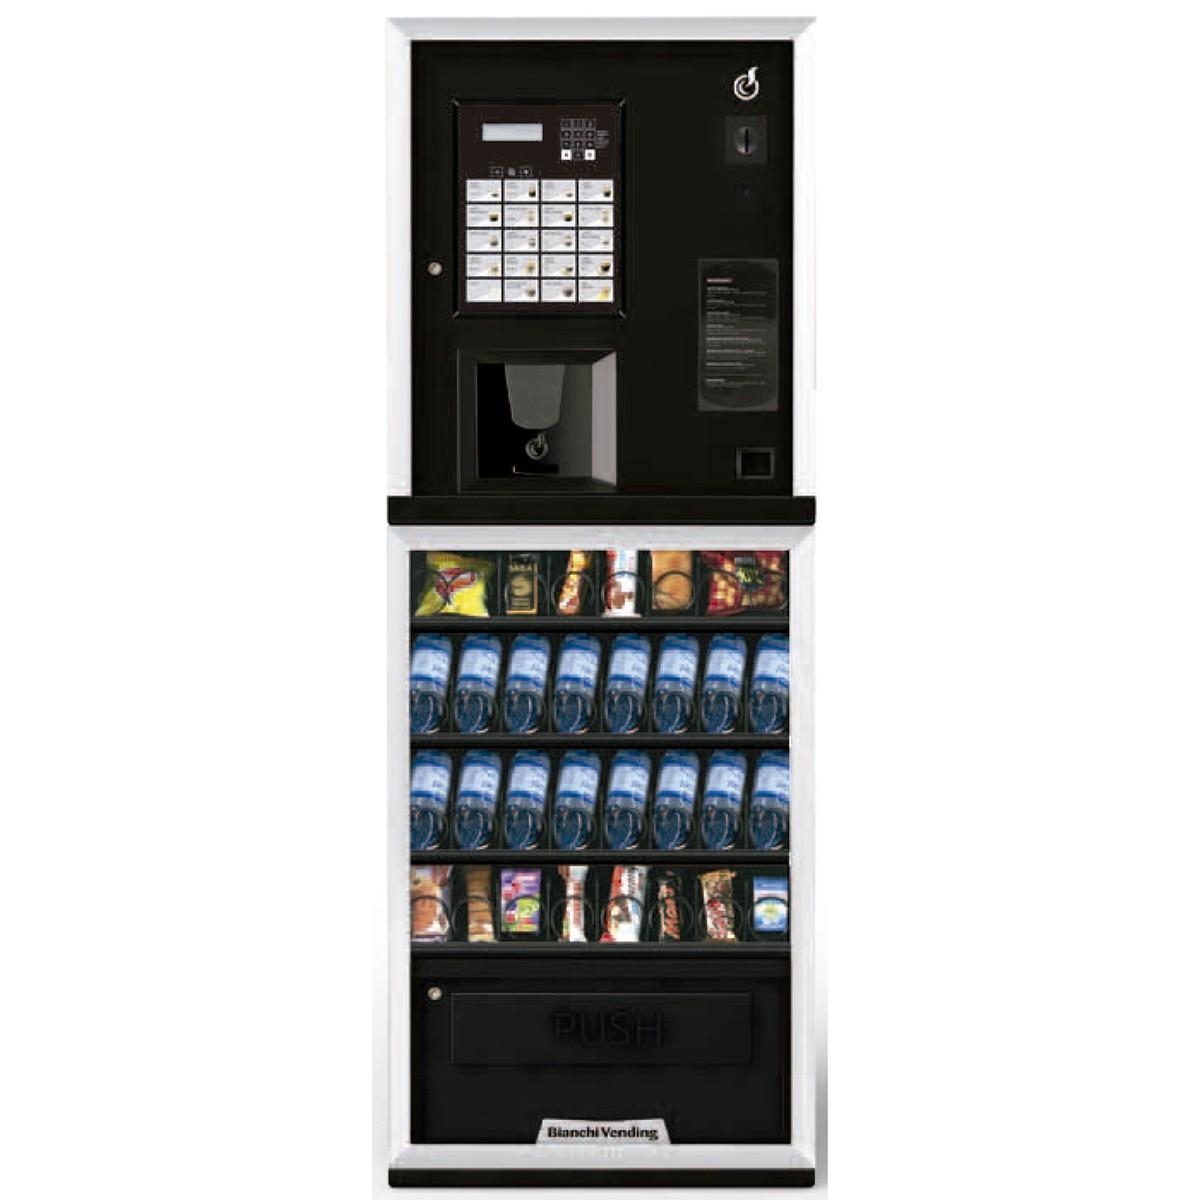 Máquina Automática Vending de Bebidas Quentes, Frias e Snacks LEI 300 Bianchi